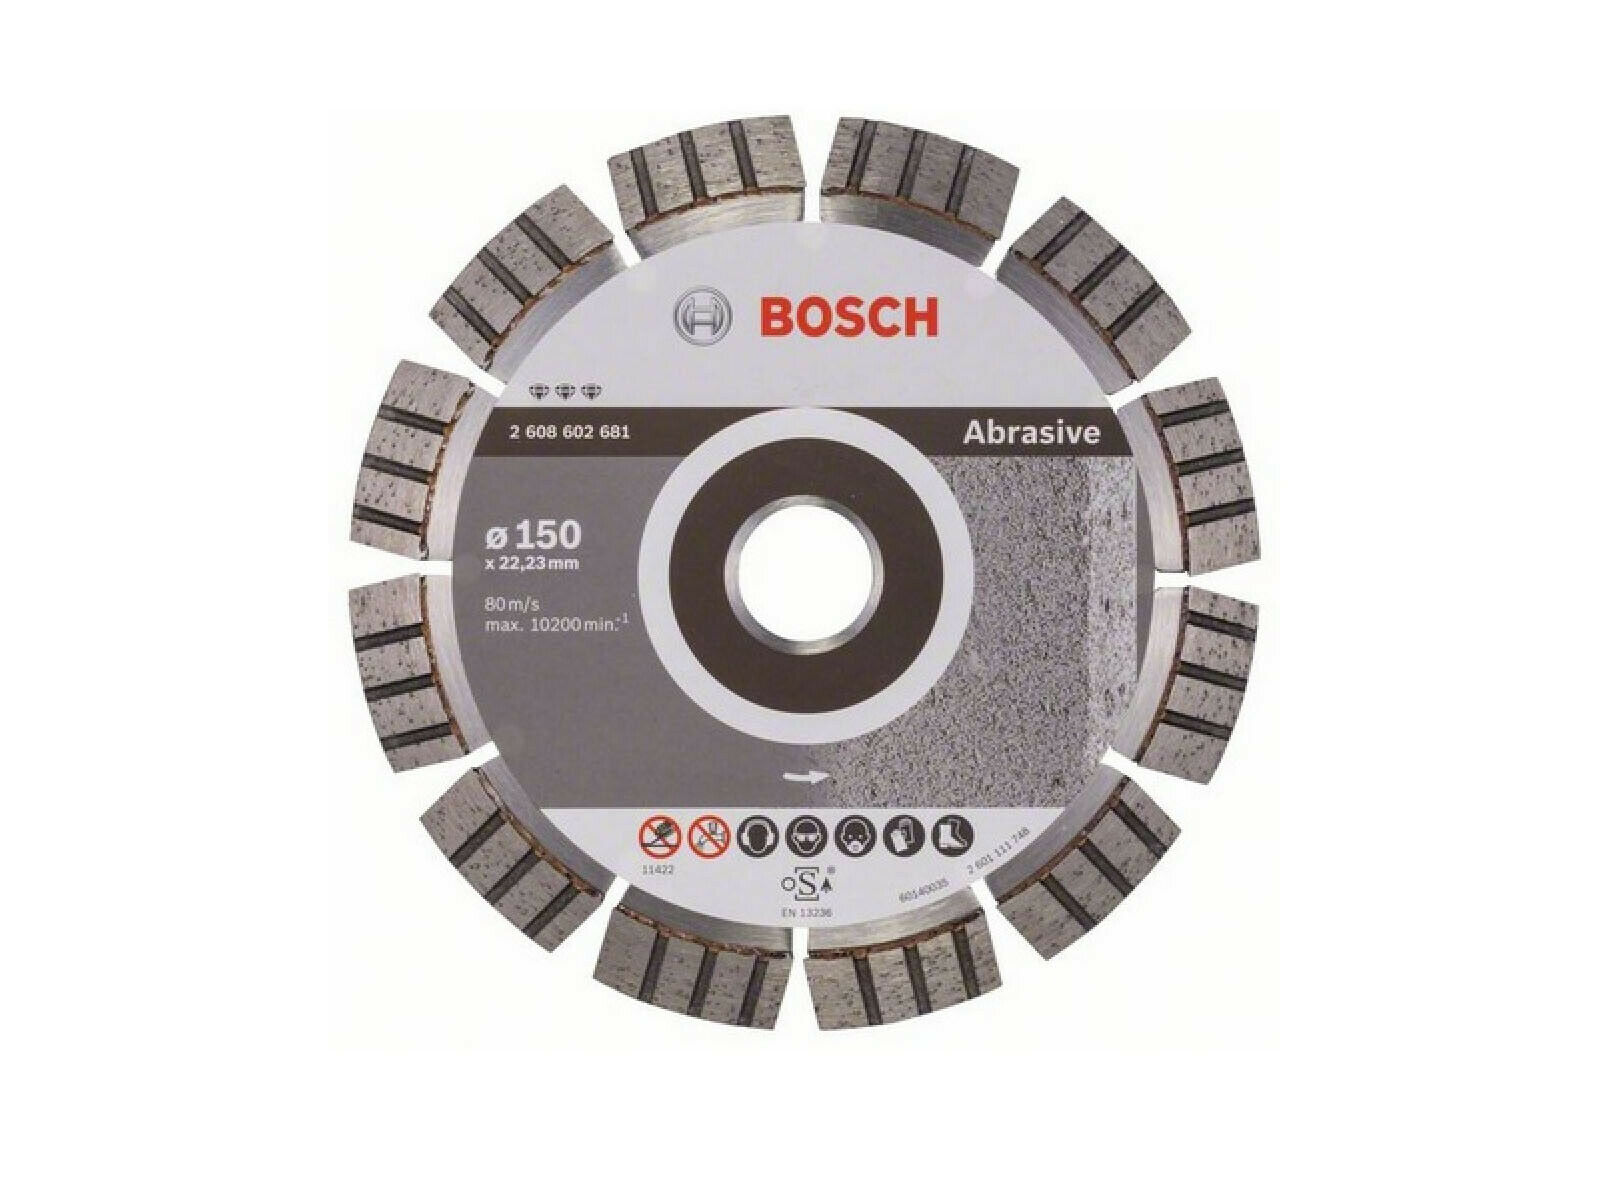 Bosch Diamanttrennscheibe Beste for Abrasive 2608602681 150 mm Trennscheibe